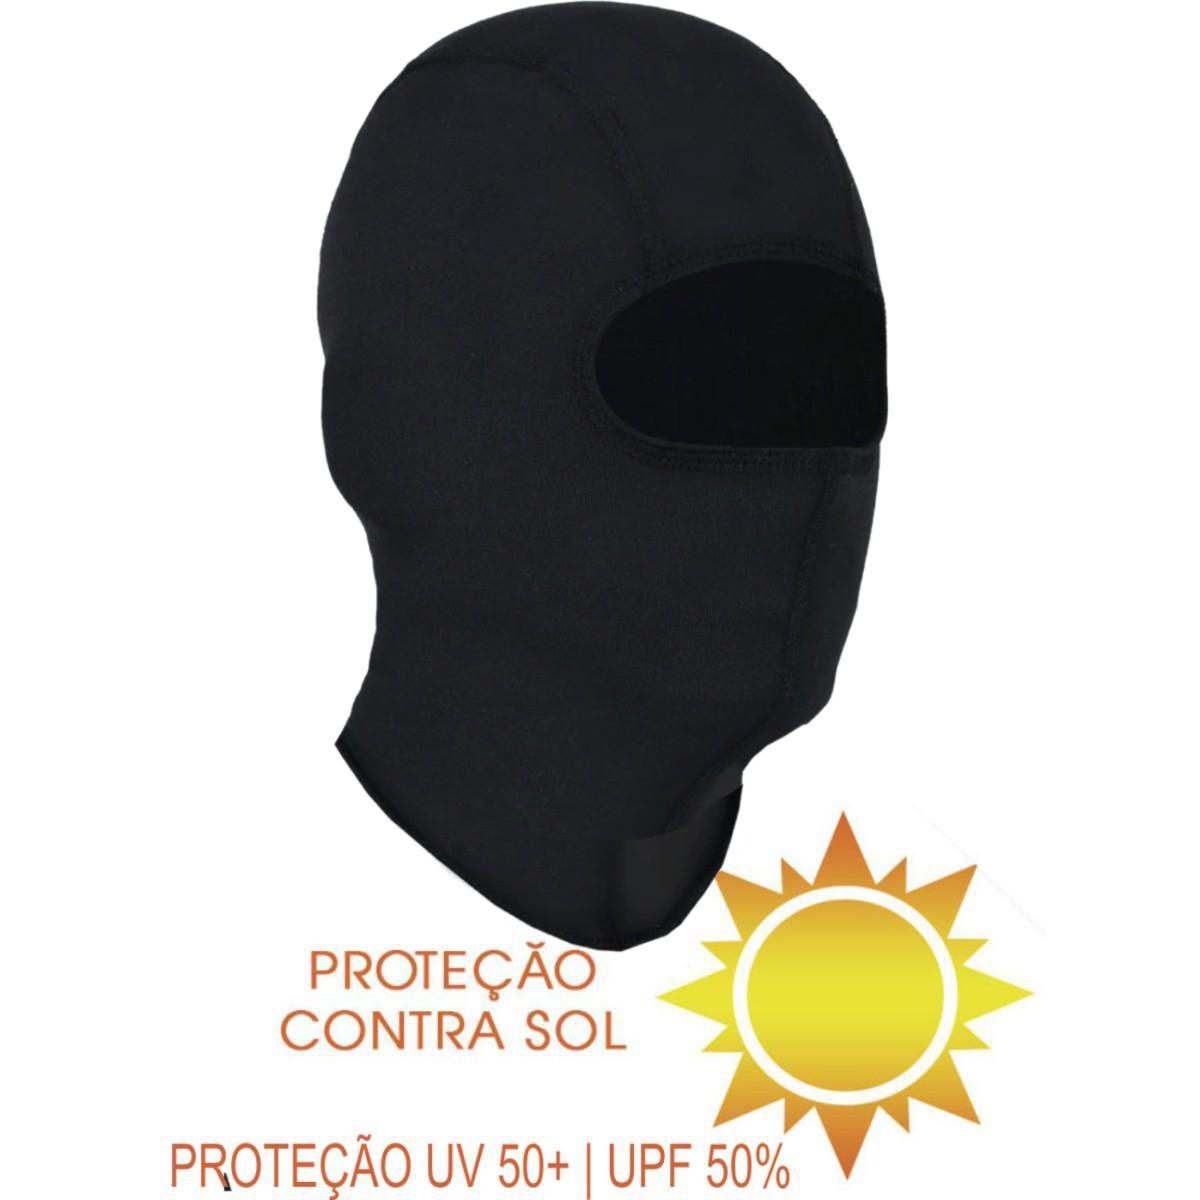 MANGUITO BASEÁGUA SEGUNDA PELE MANGAS DE PROTEÇÃO POLEGAR + BALACLAVA TÉRMICA TOUCA NINJA